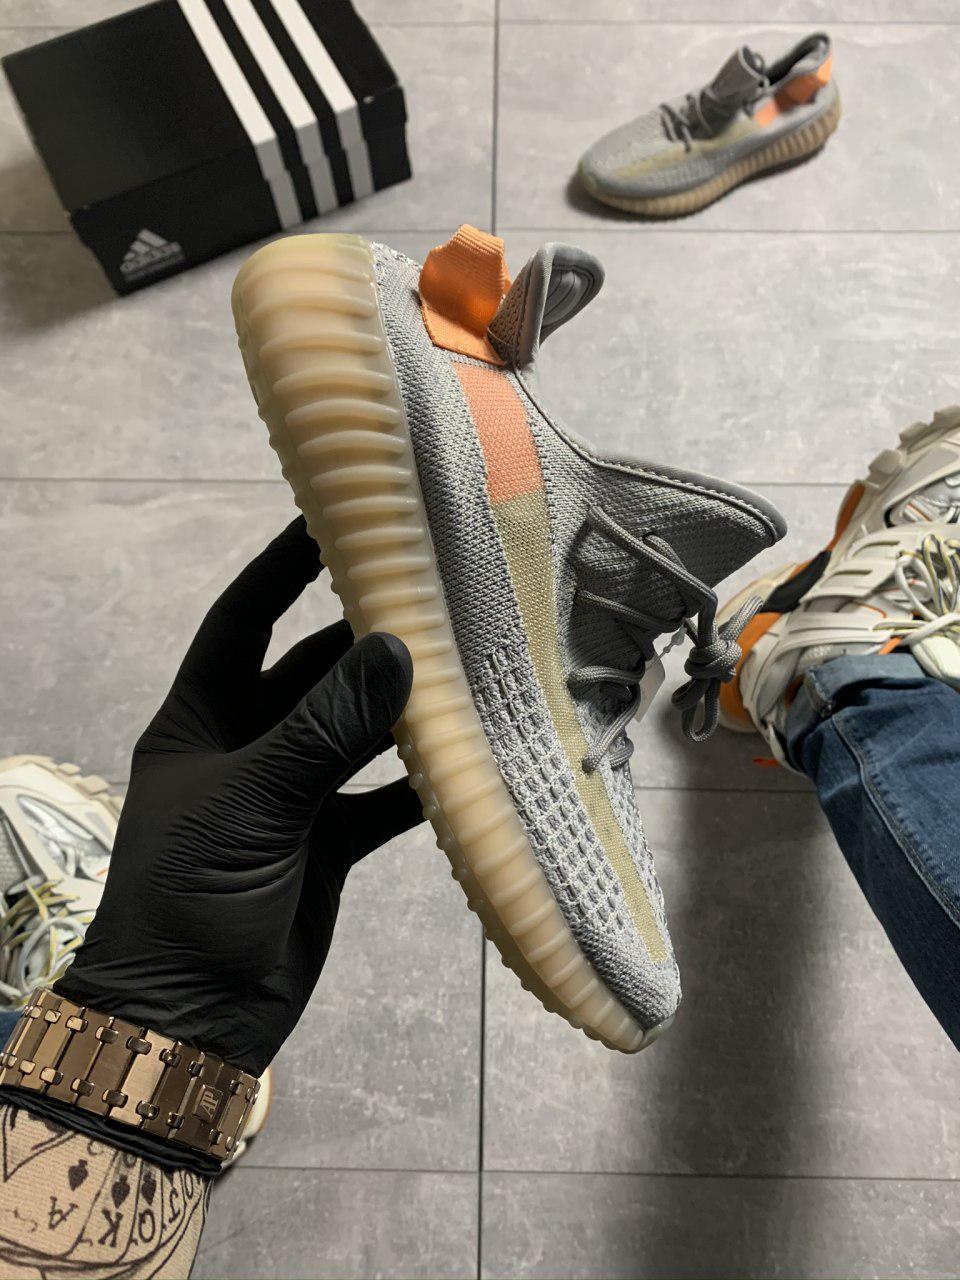 Женские Кроссовки Adidas Yeezy Boost 350 V2 Gray Orange / Адидас Изи Буст 350 В2 Серые Оранжевые